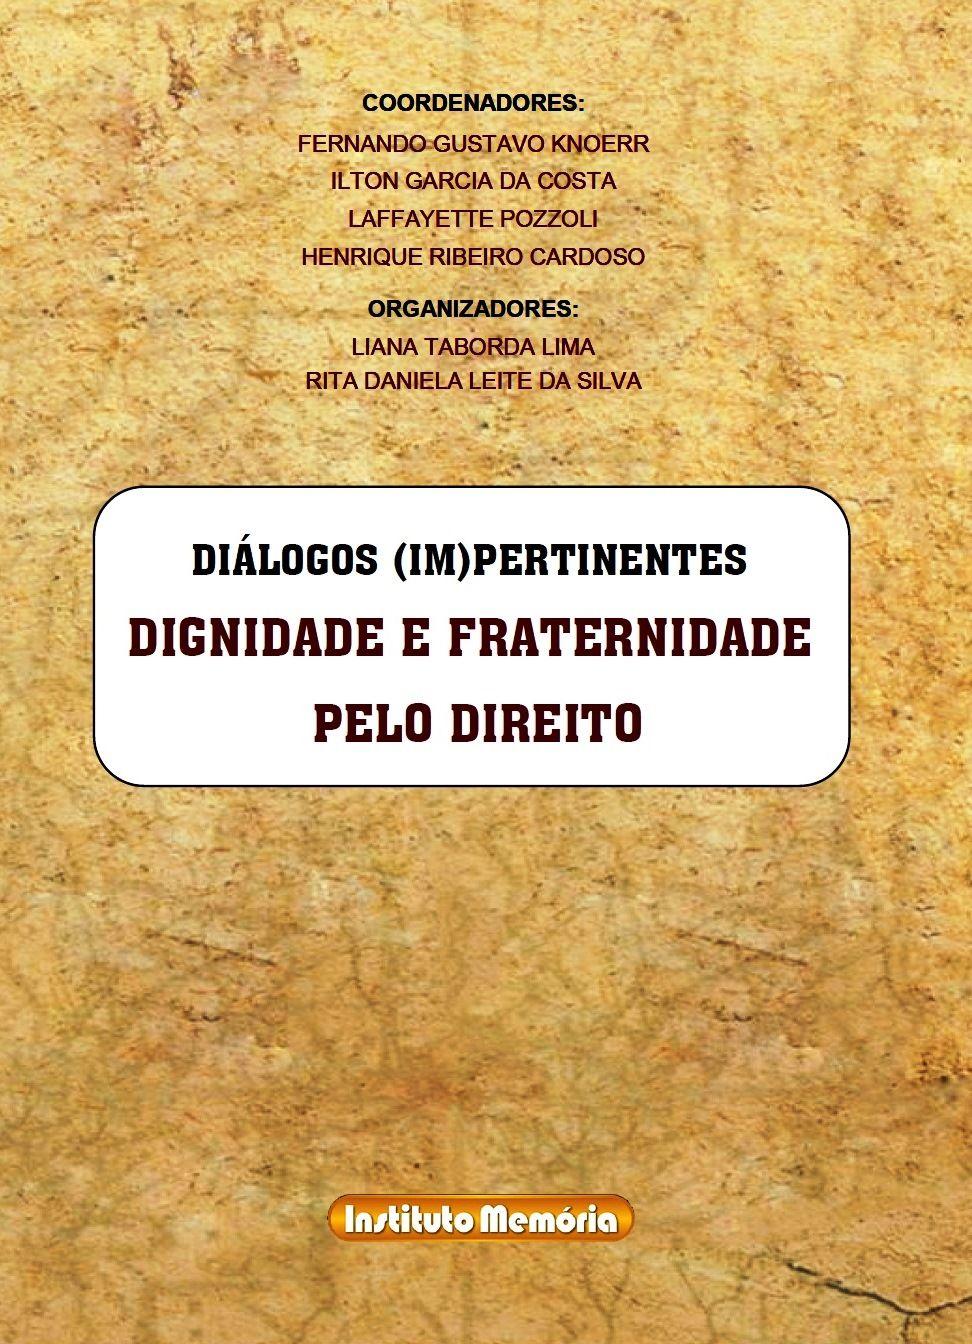 Diálogos (Im)pertinentes - DIGNIDADE E FRATERNIDADE PELO DIREITO